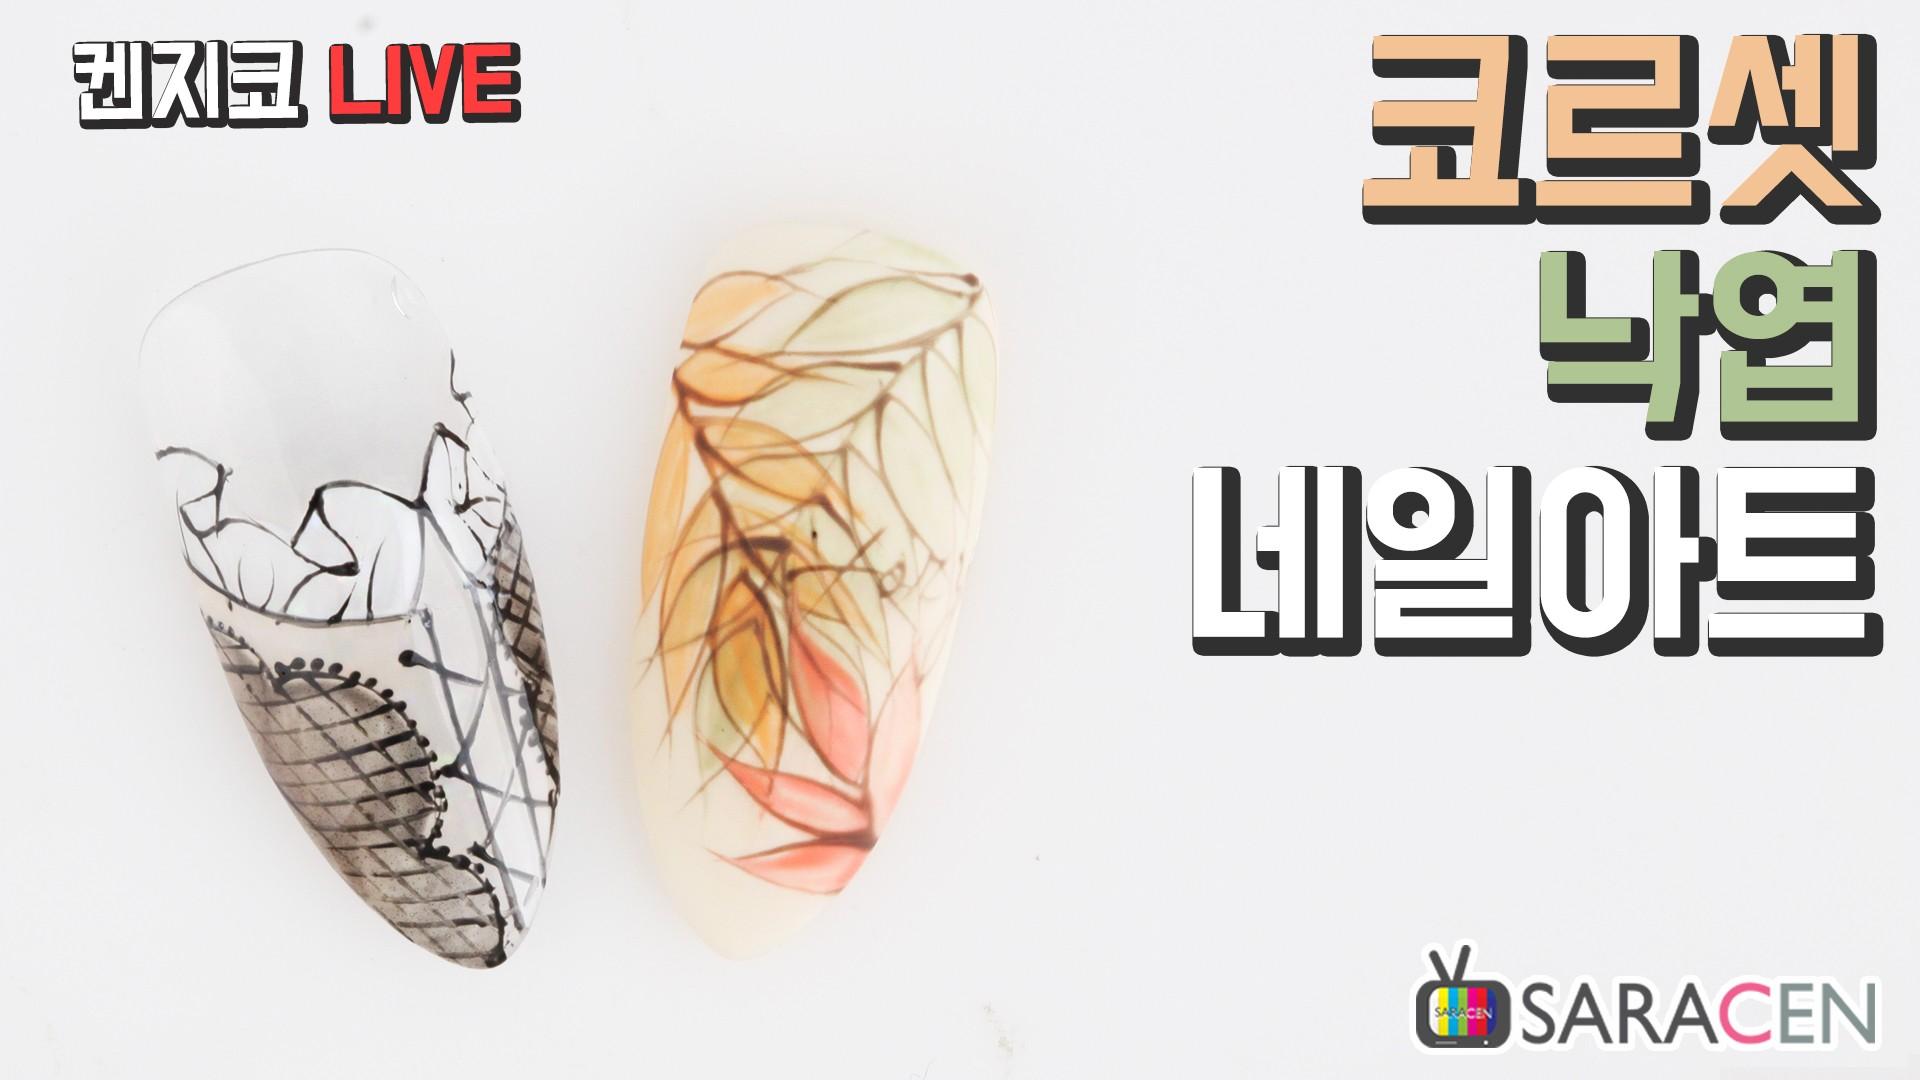 켄지코 Live! - 코르셋 , 낙엽 네일아트  / Corset , Leaves nail art